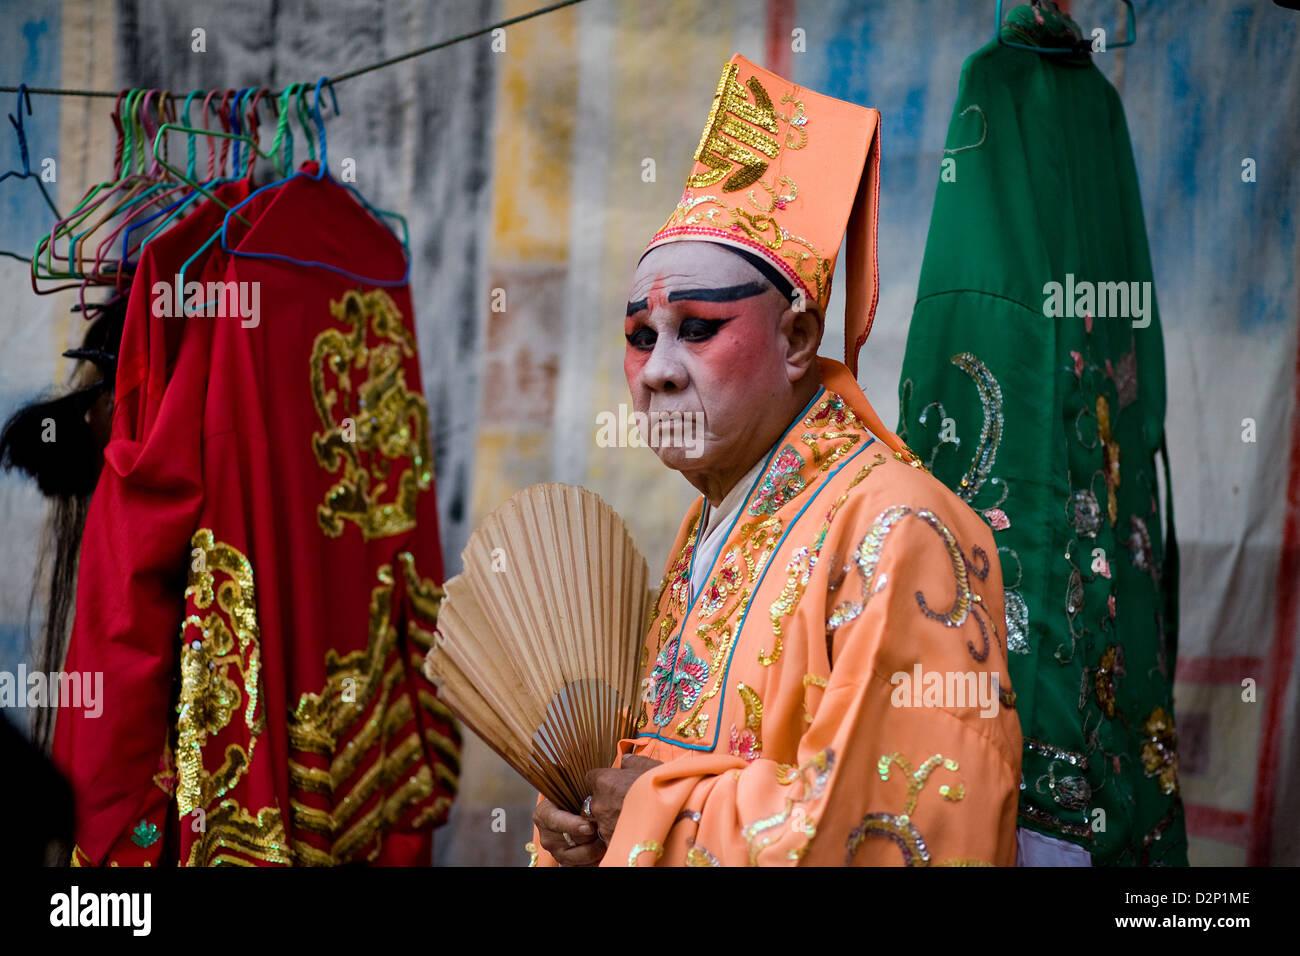 Ein Schauspieler wartet hinter der Bühne während einer Straßenperformance in Bangkok, Thailand Stockbild